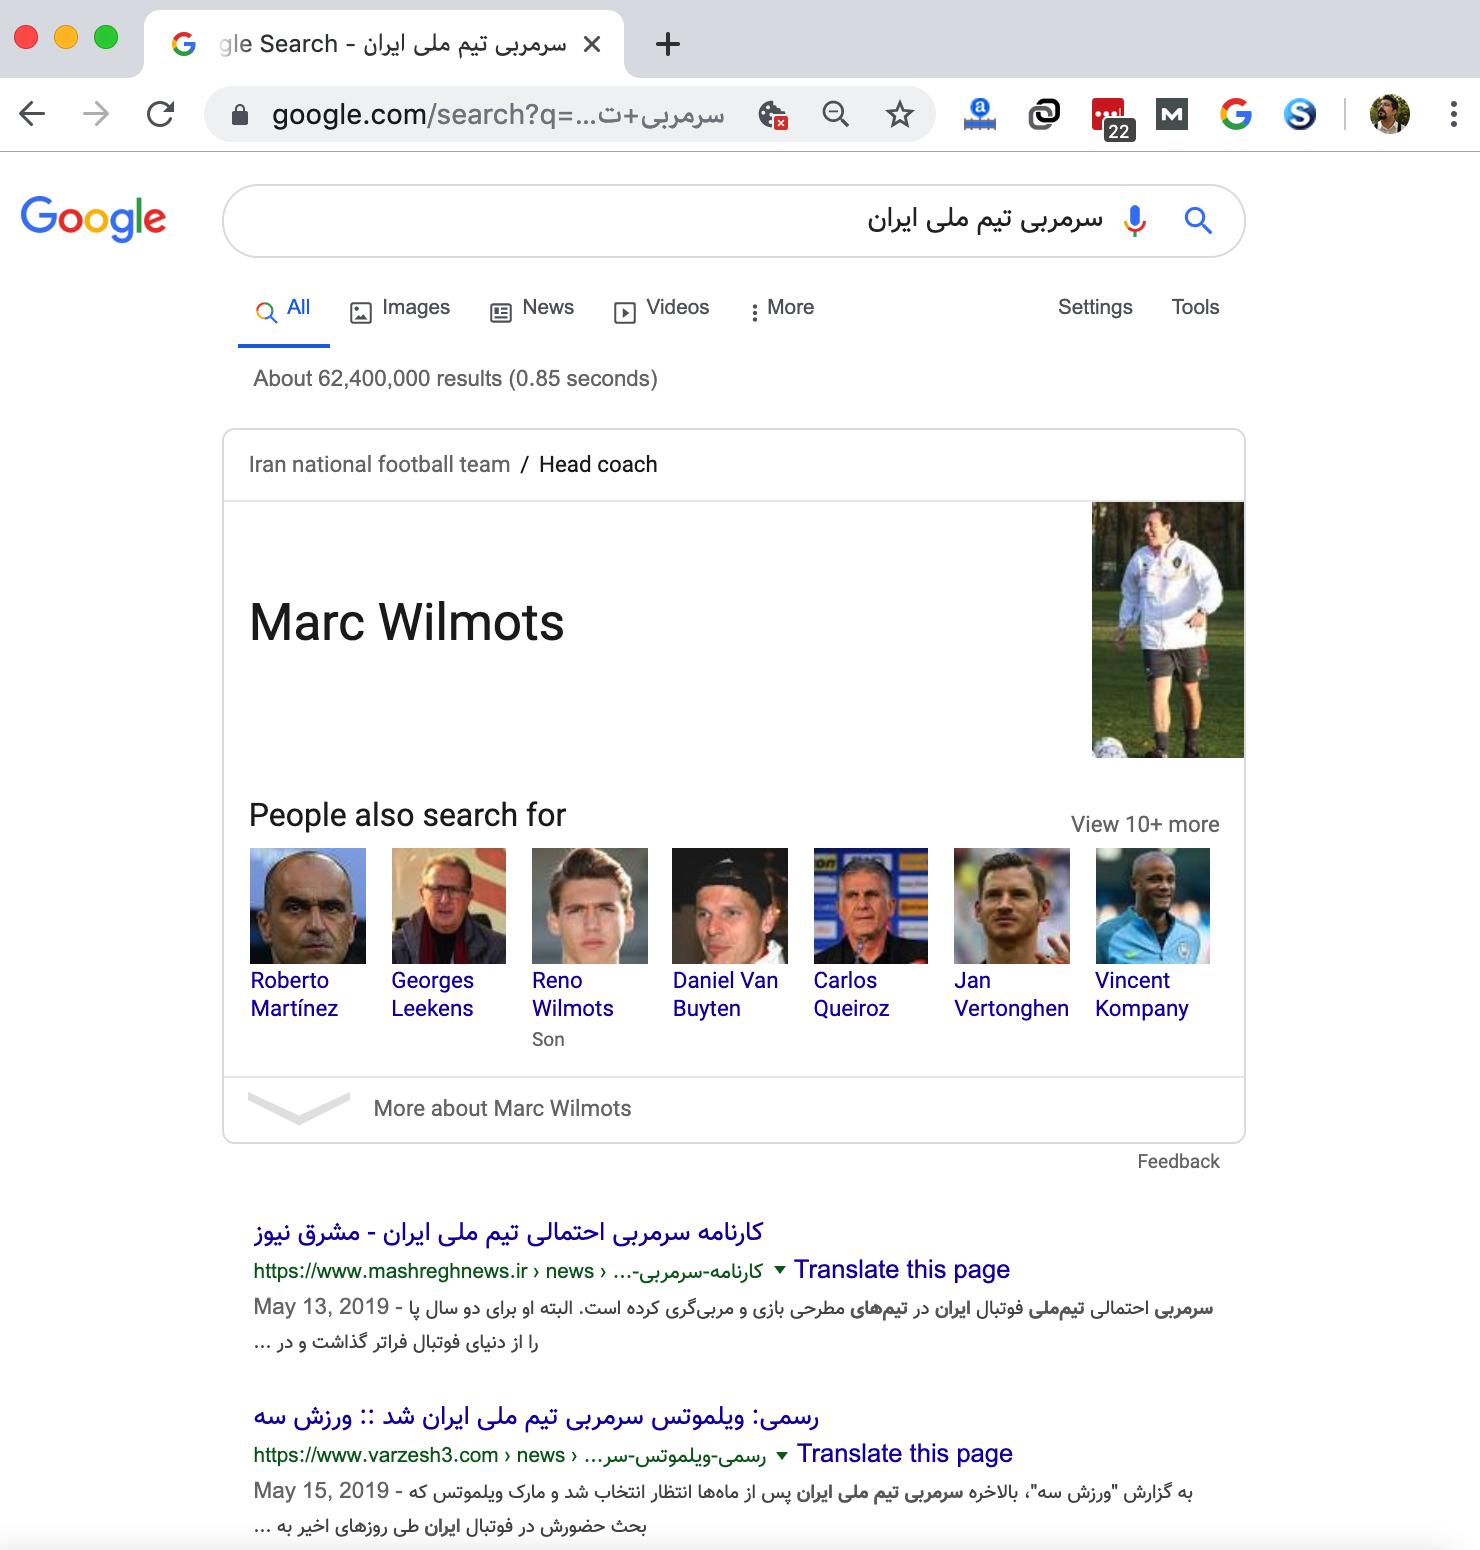 یک نمونه zero-click search